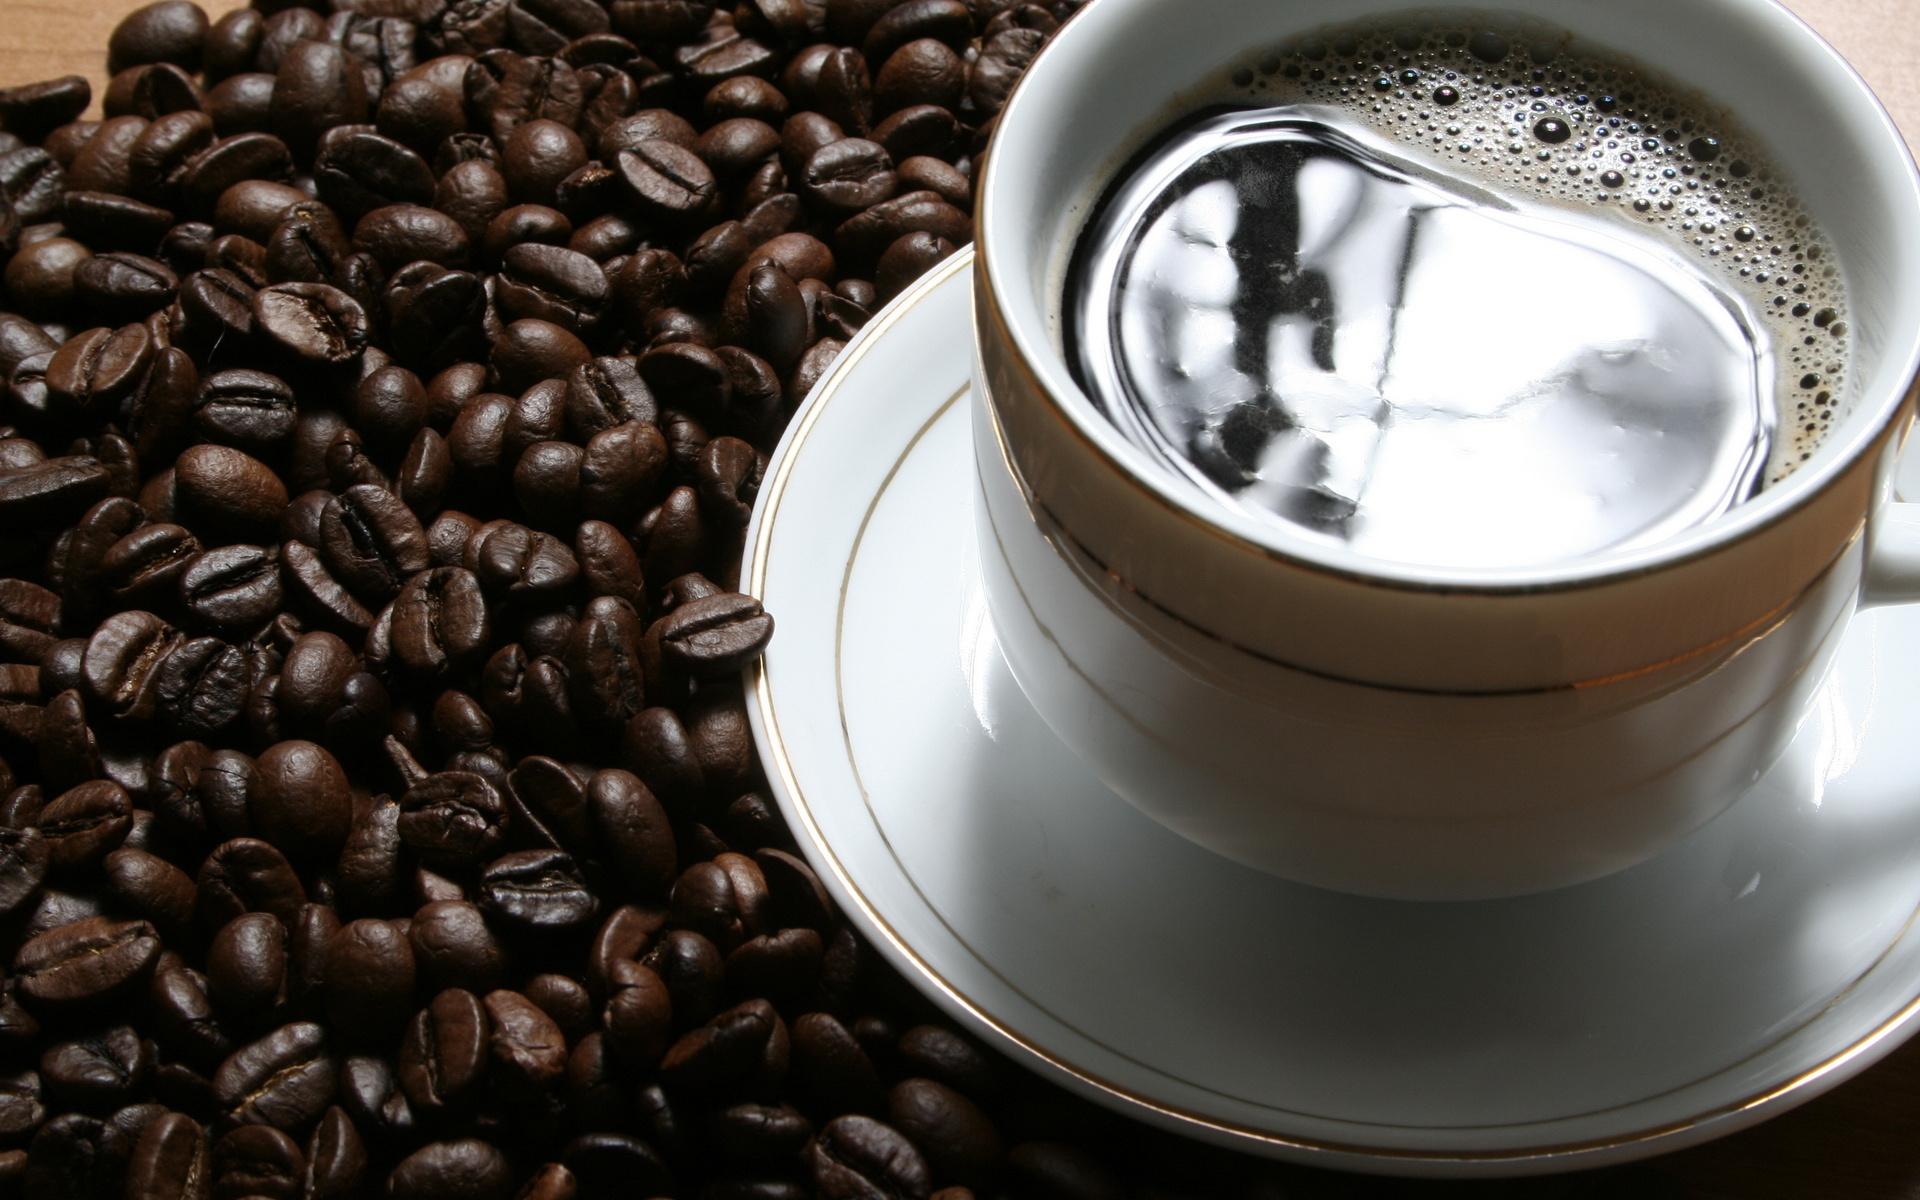 темный кофе картинки прекрасным развлекательным, спортивным